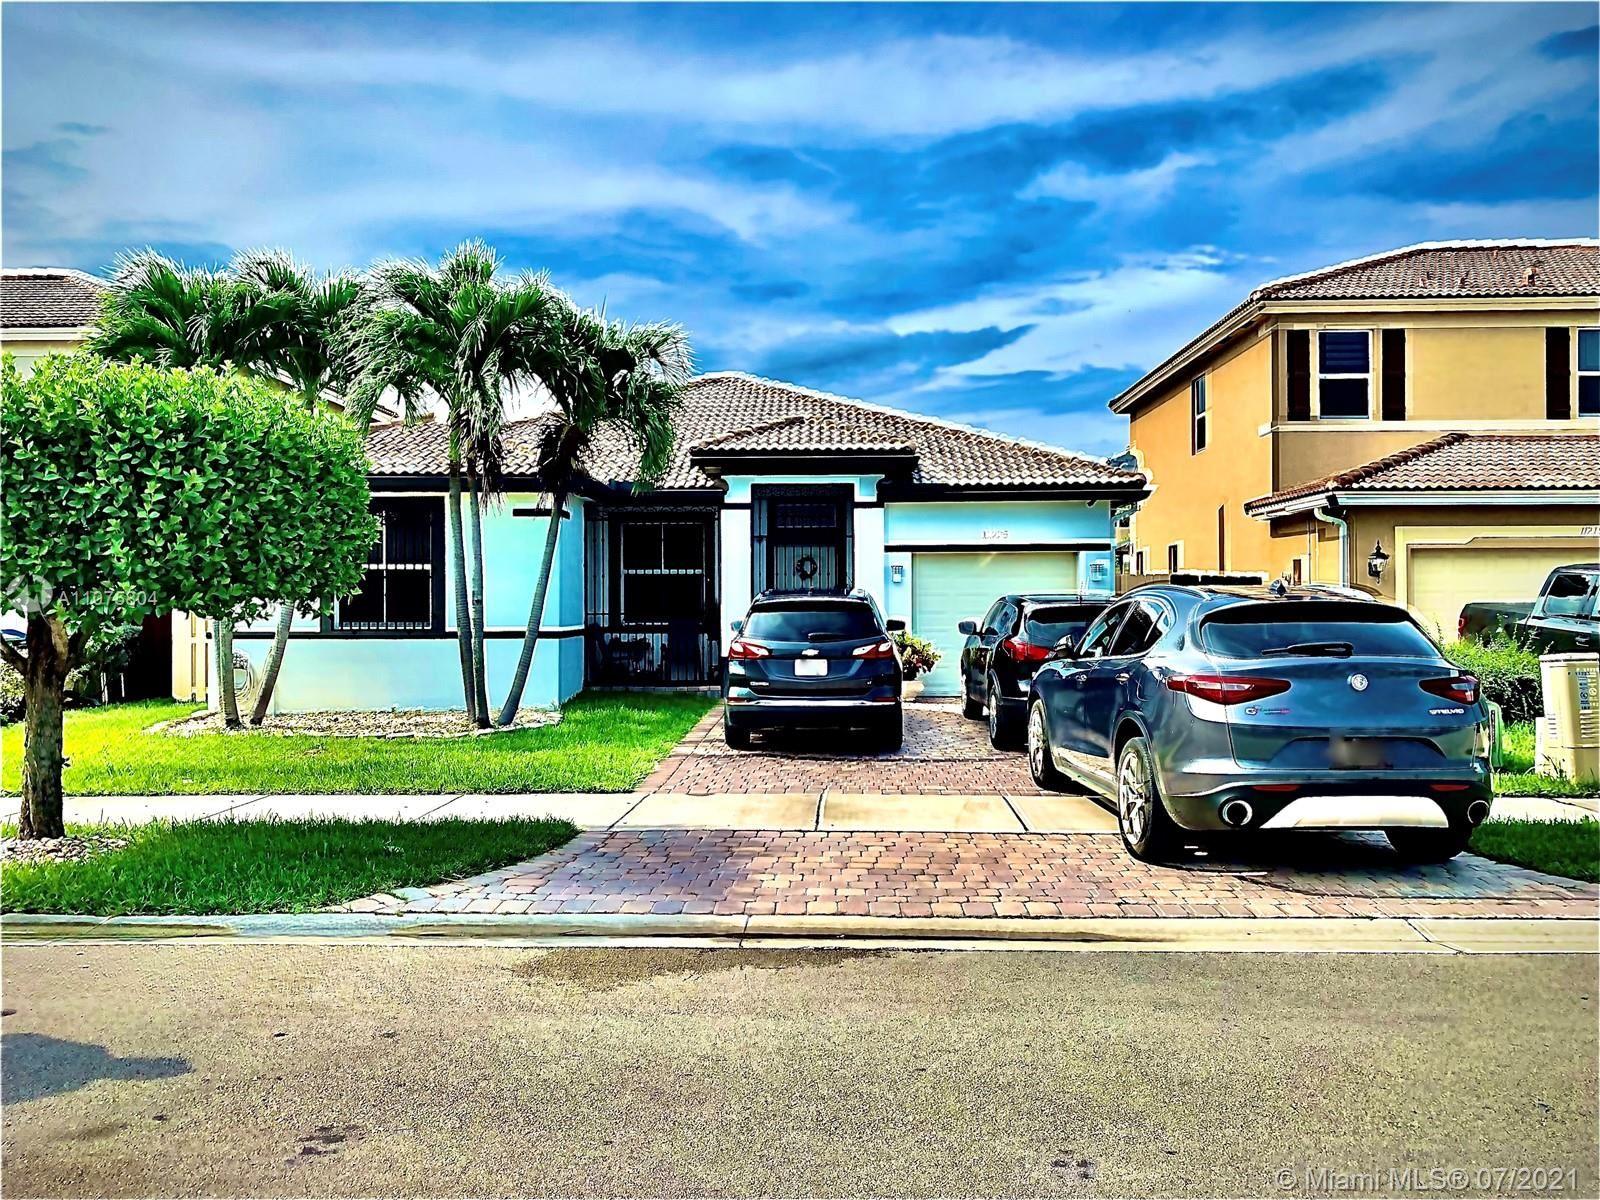 11225 SW 227th St, Miami, FL 33170 - #: A11075804